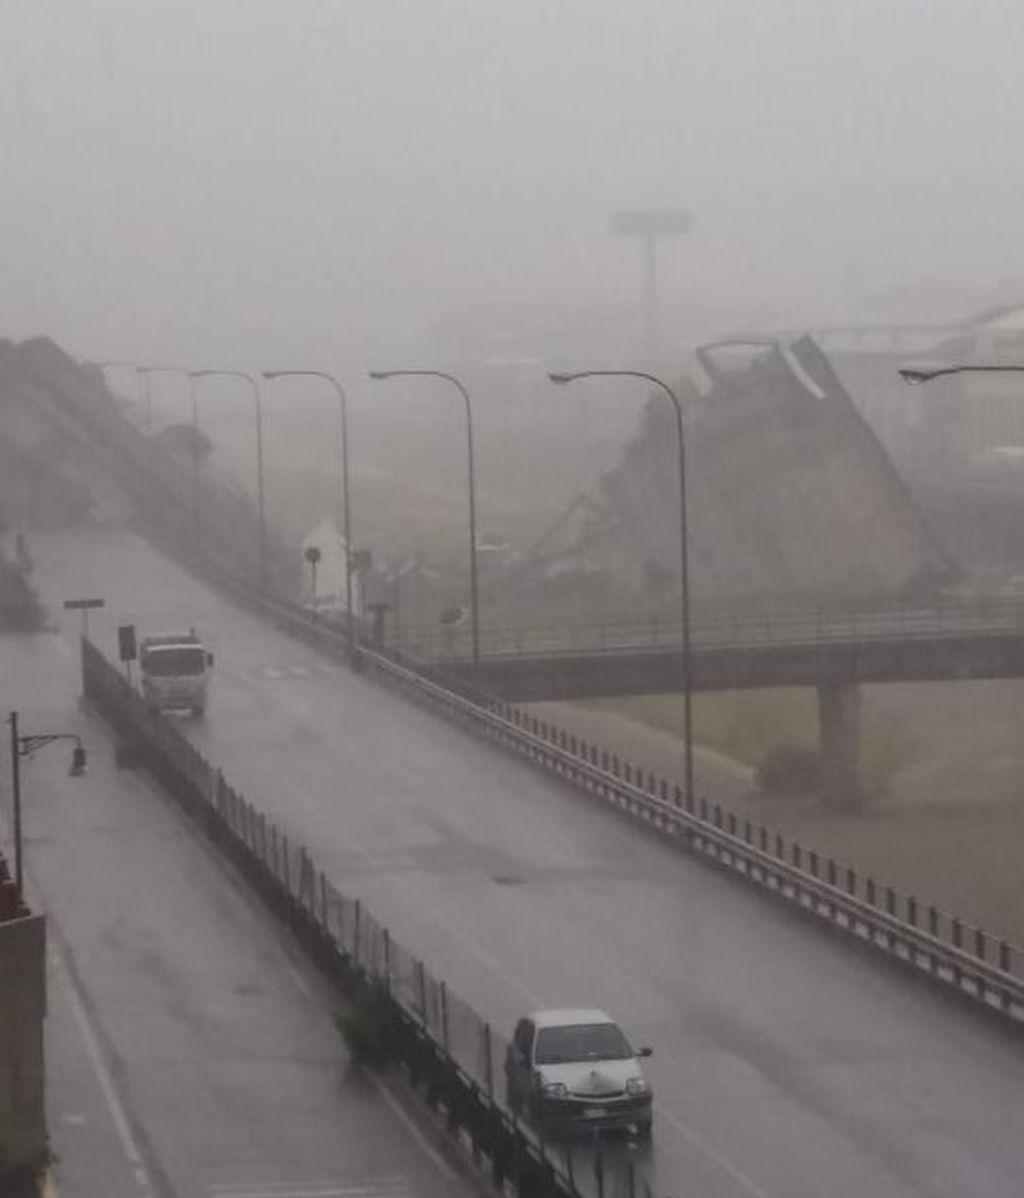 El viaducto Polcevera,donde circula la autopista A10, se ha venido abajo por causas desconocidas